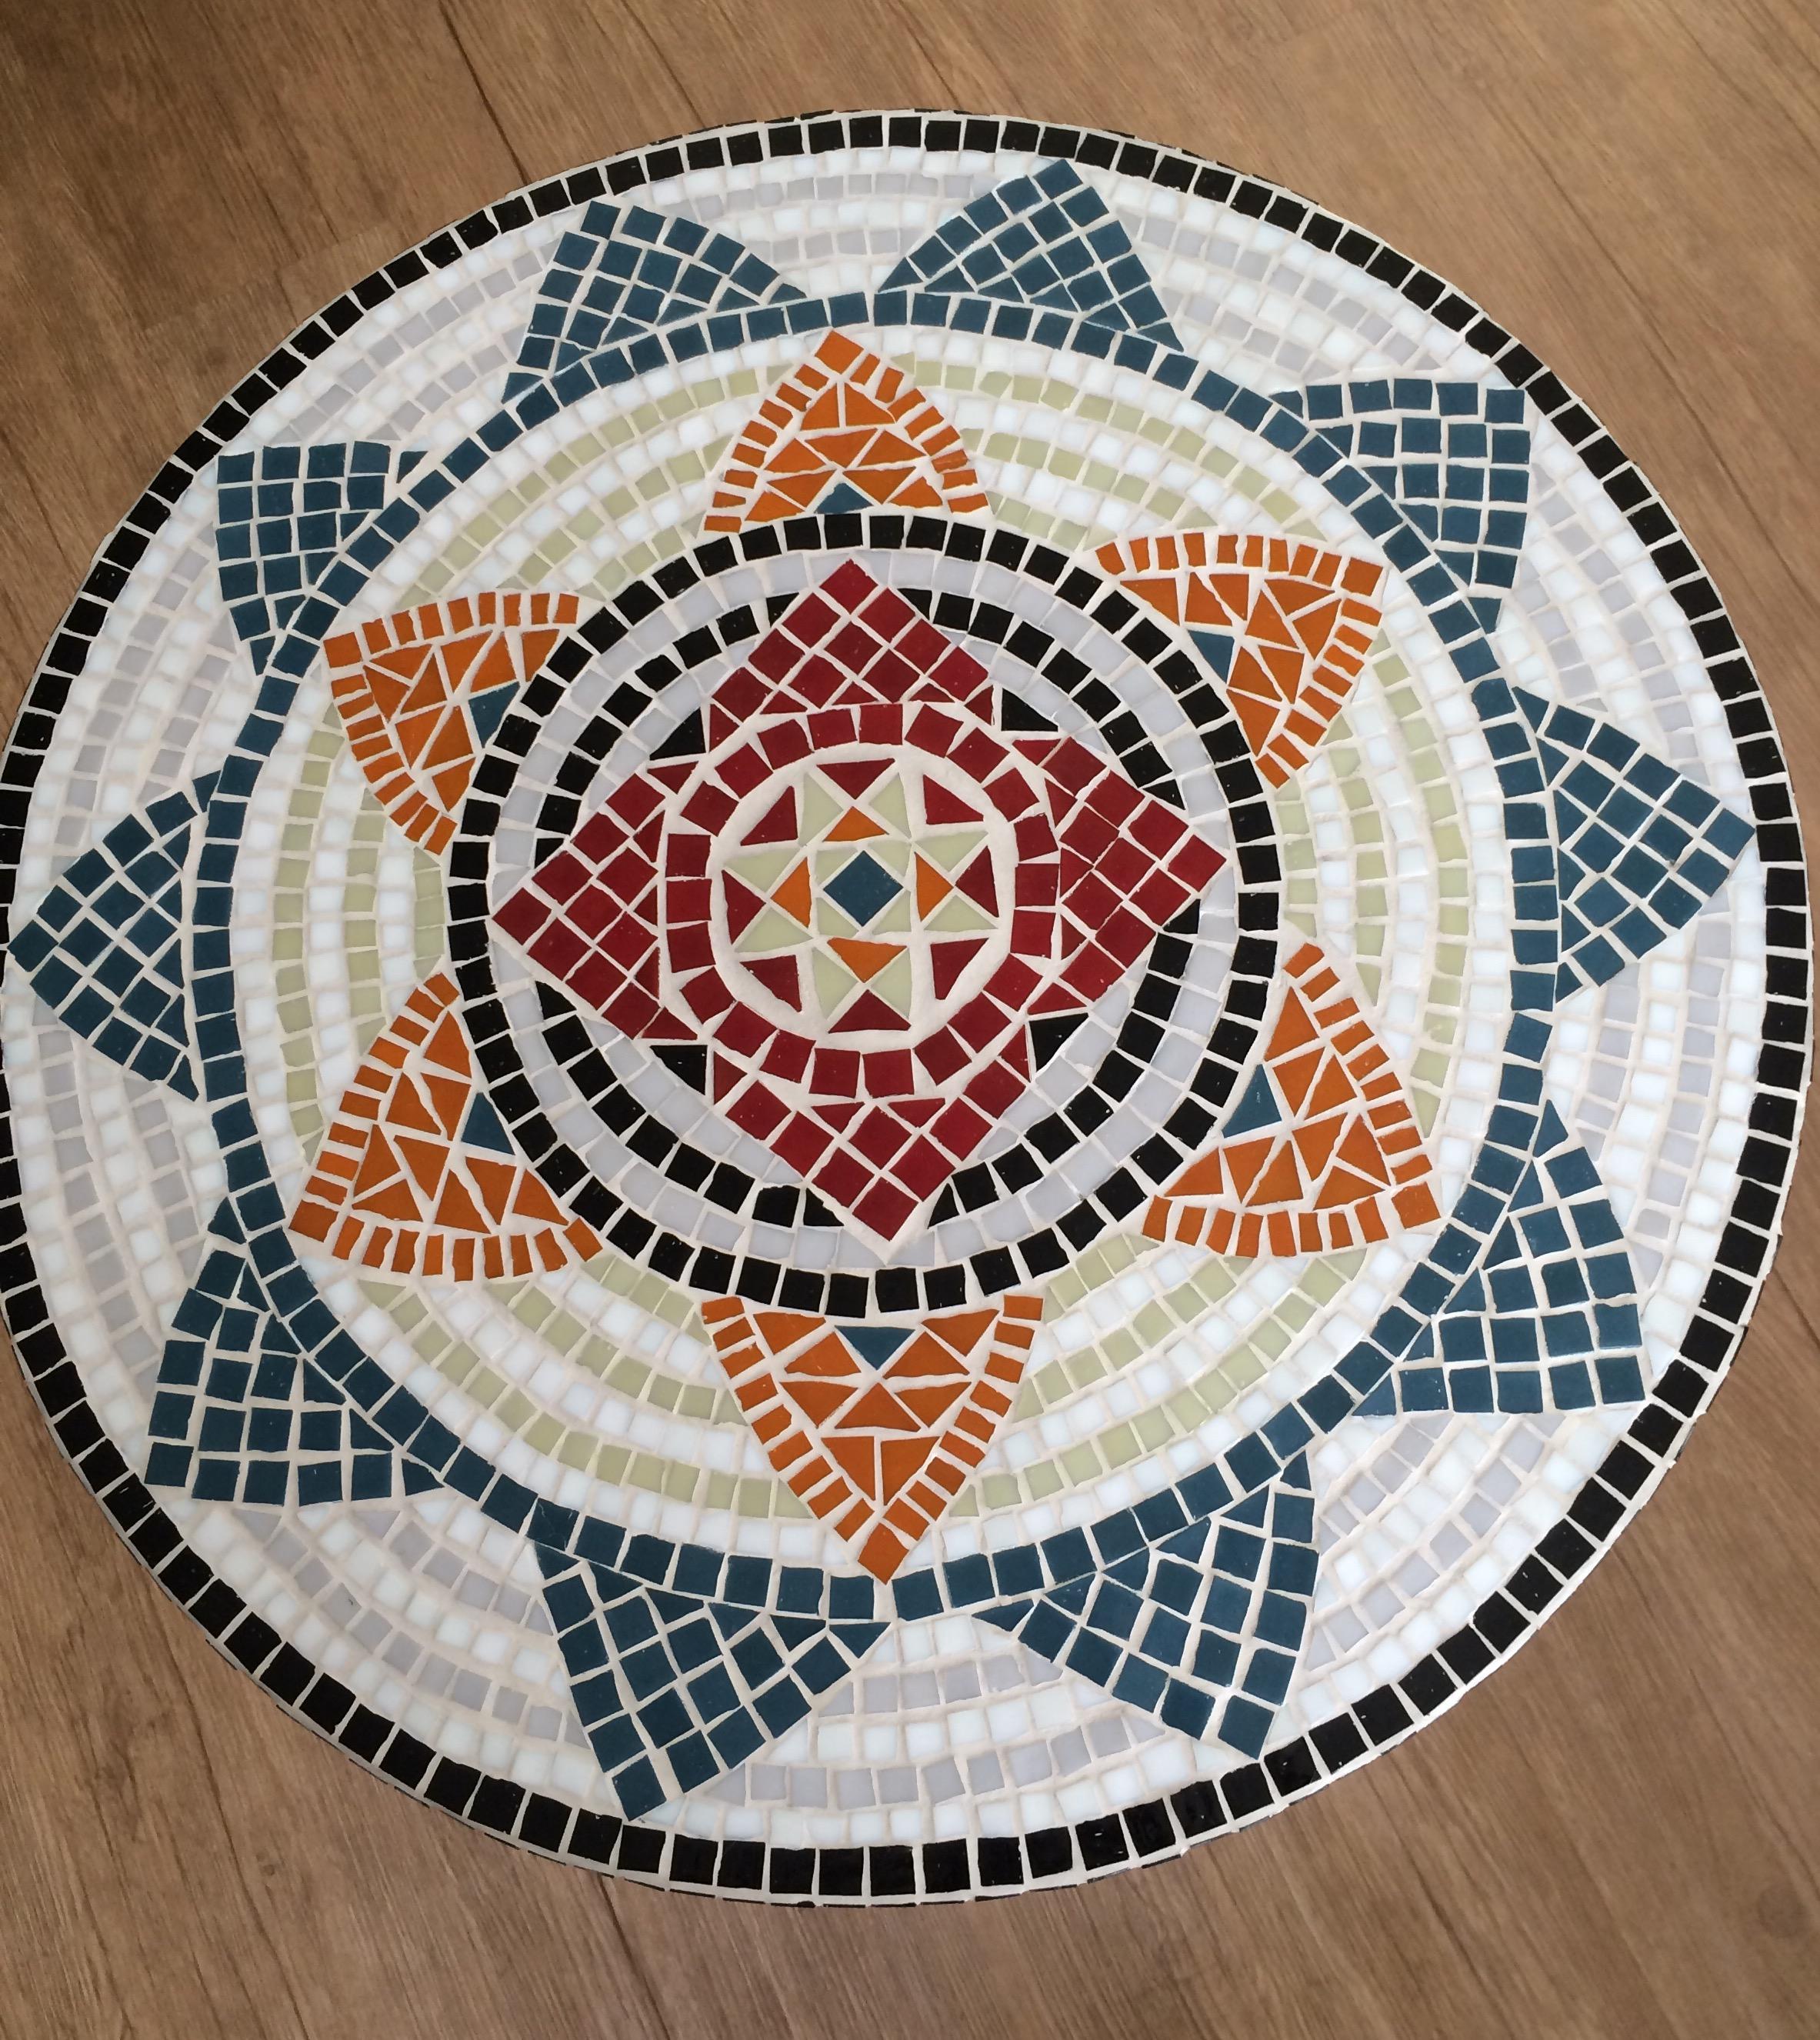 Tampo De Mesa Em Mosaico De Vidro No Elo7 Dmosaics Arte Em Mosaicos 5f604e